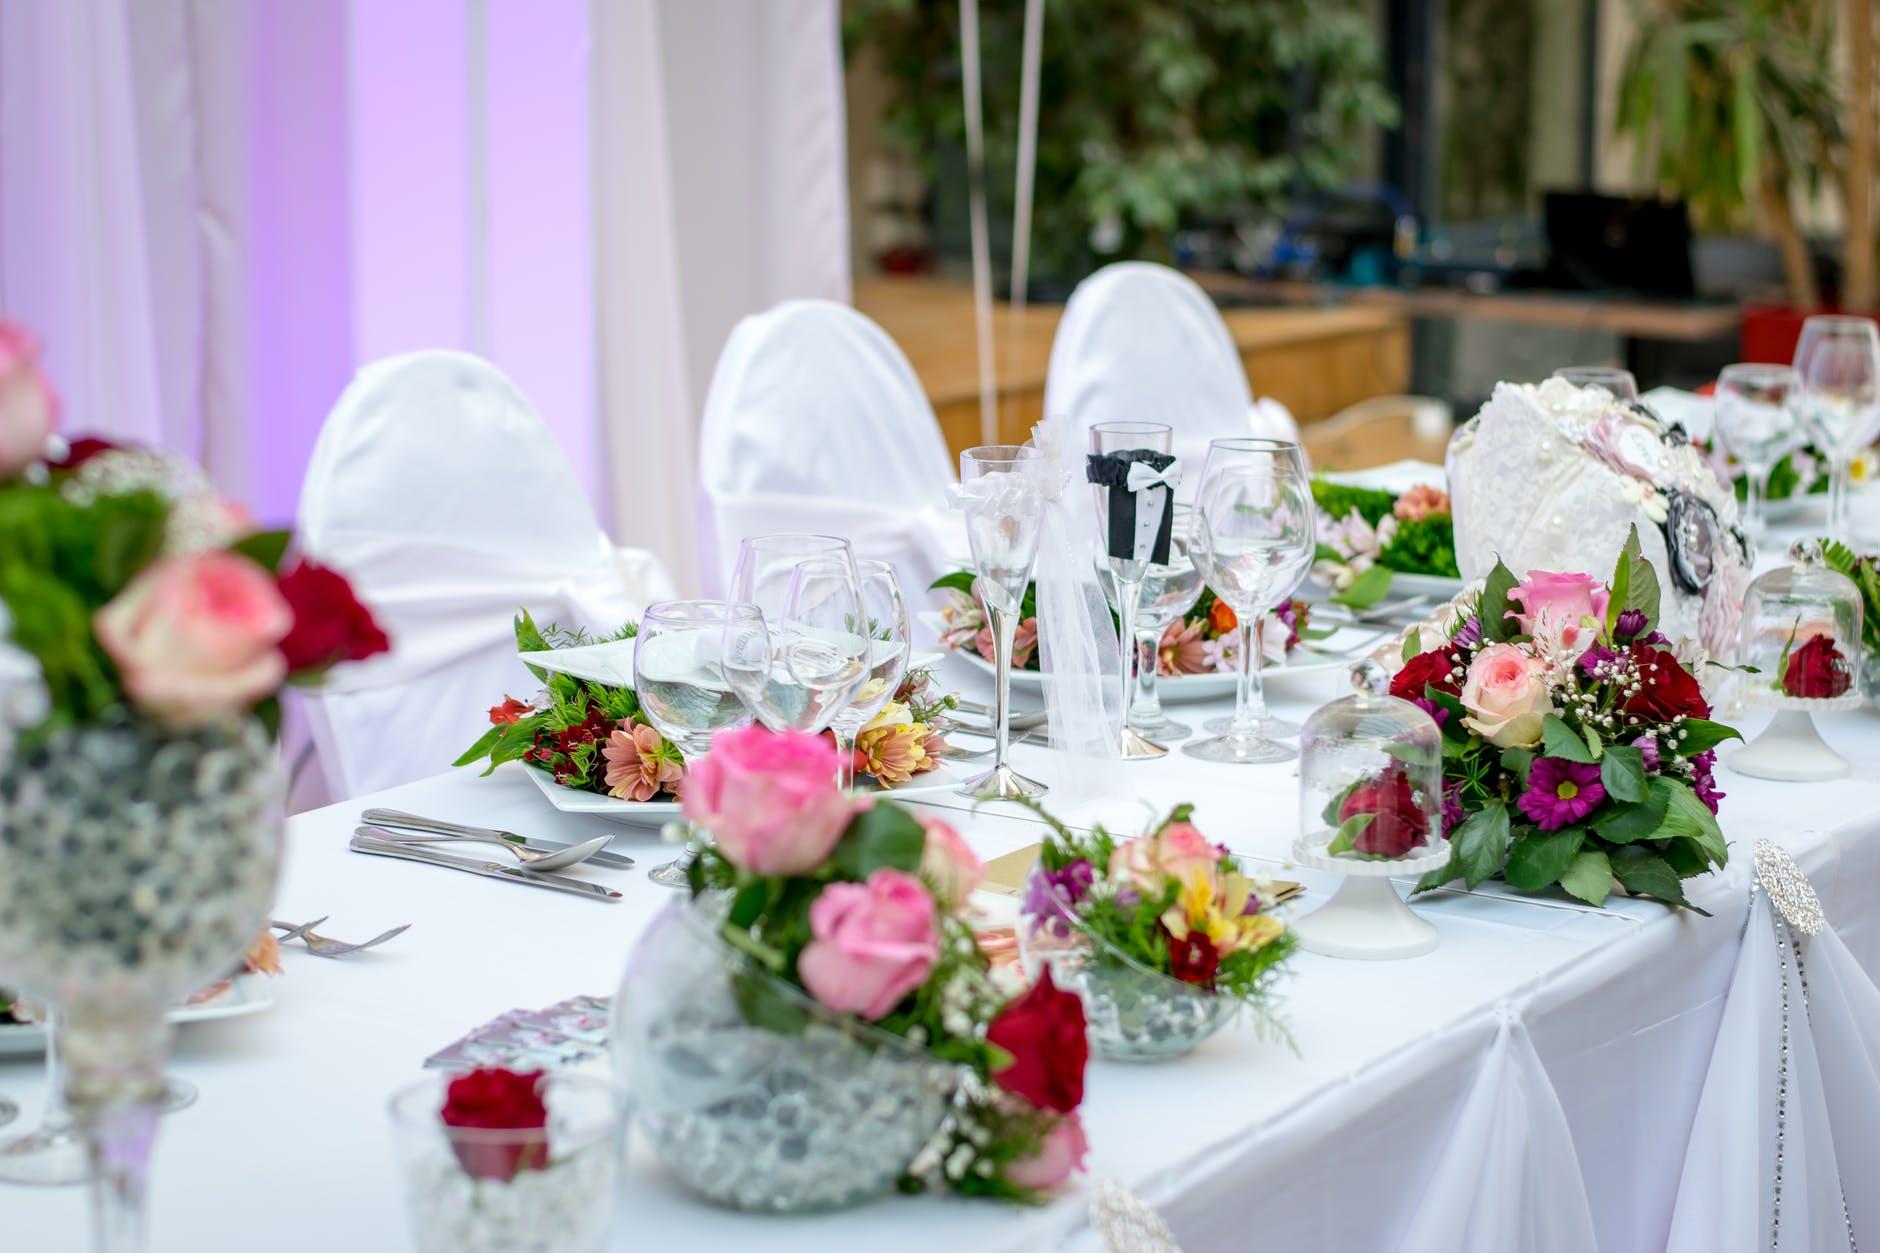 Wesele - stół, kwiaty, kieliszki